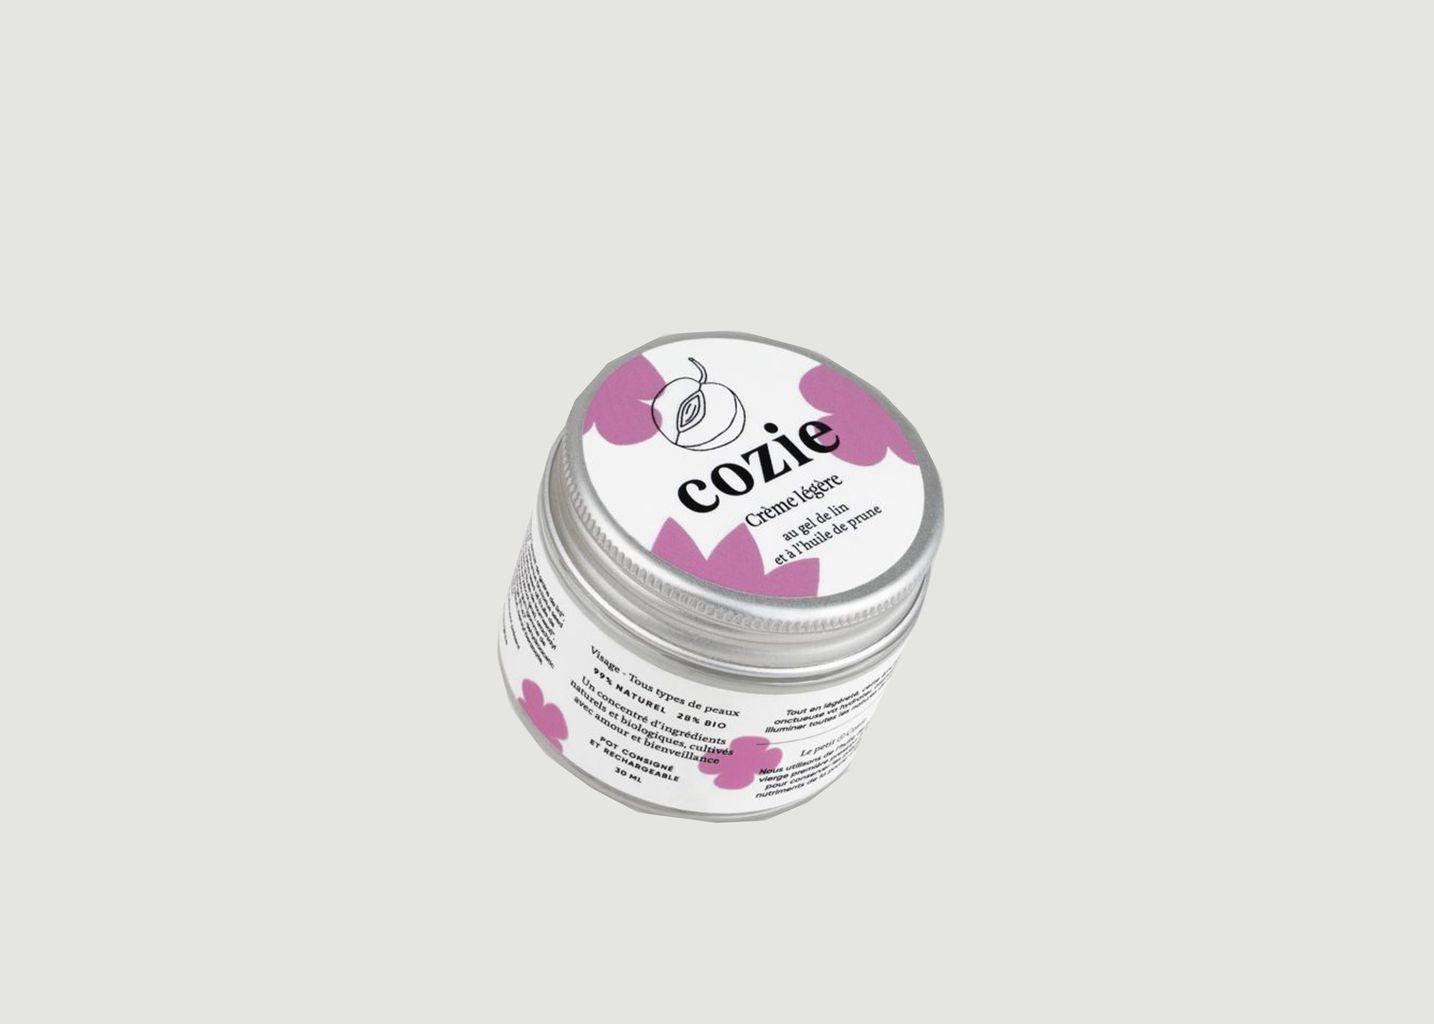 Crème légère visage au gel de lin et huile de prune - Cozie